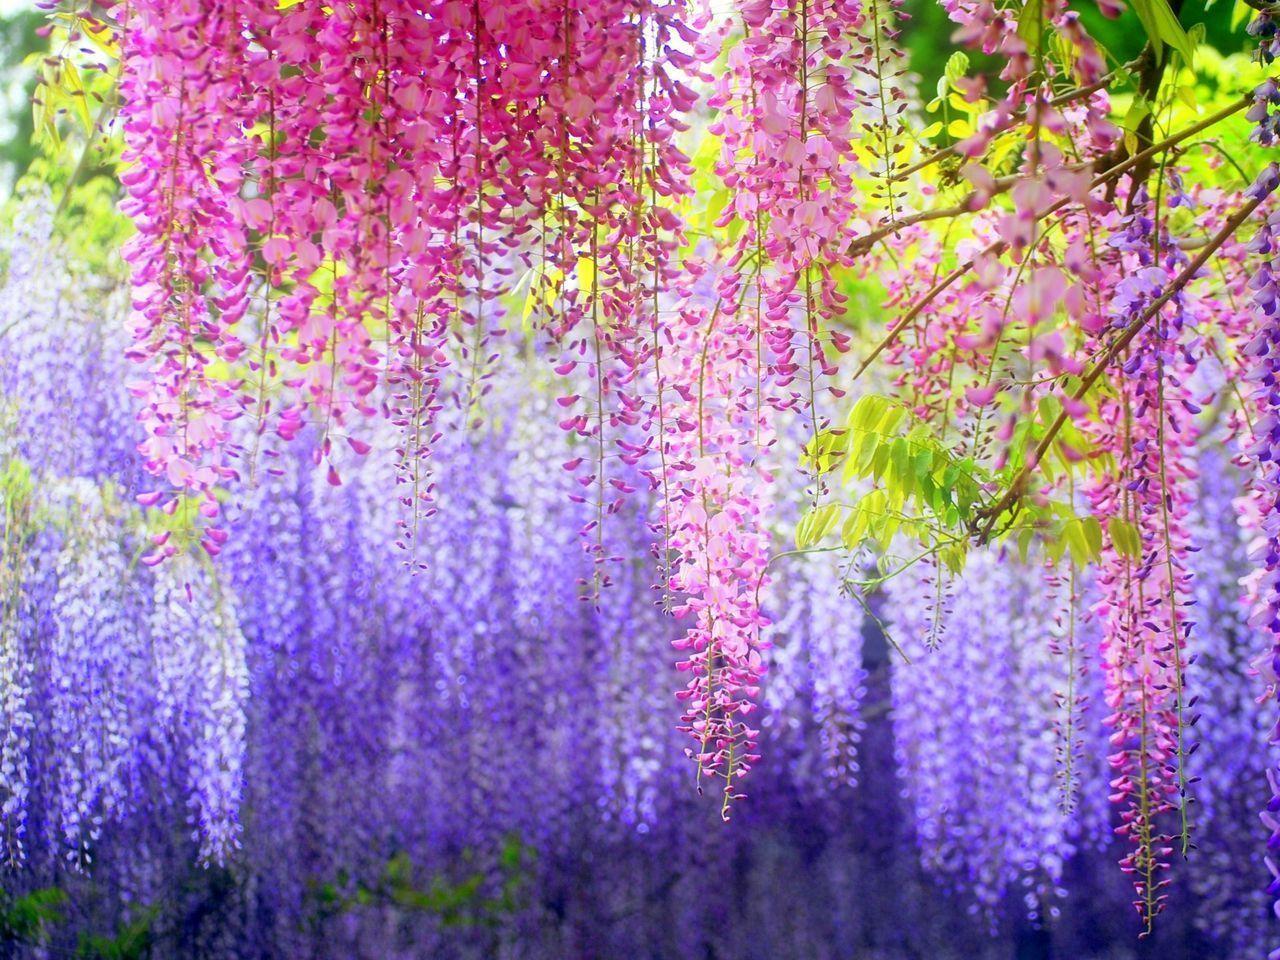 紫藤花的作用与功效